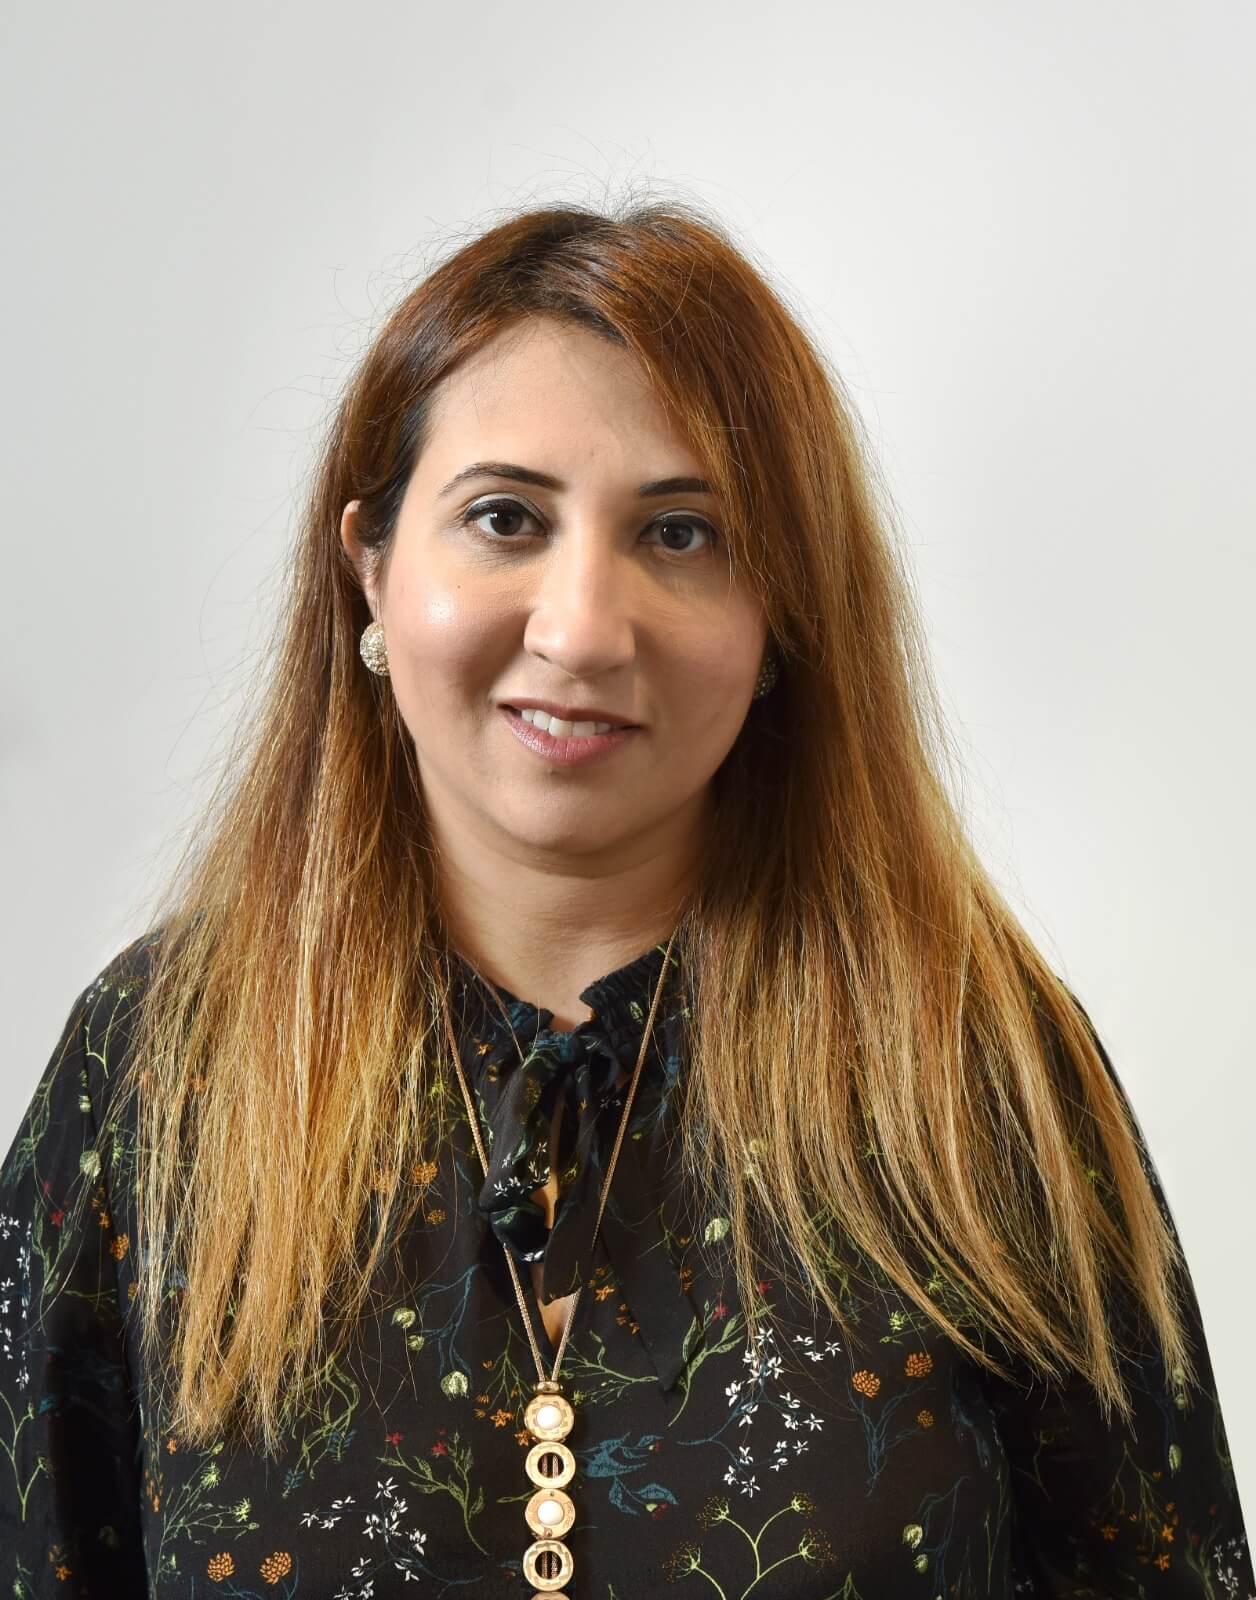 Mai Al-Zanki